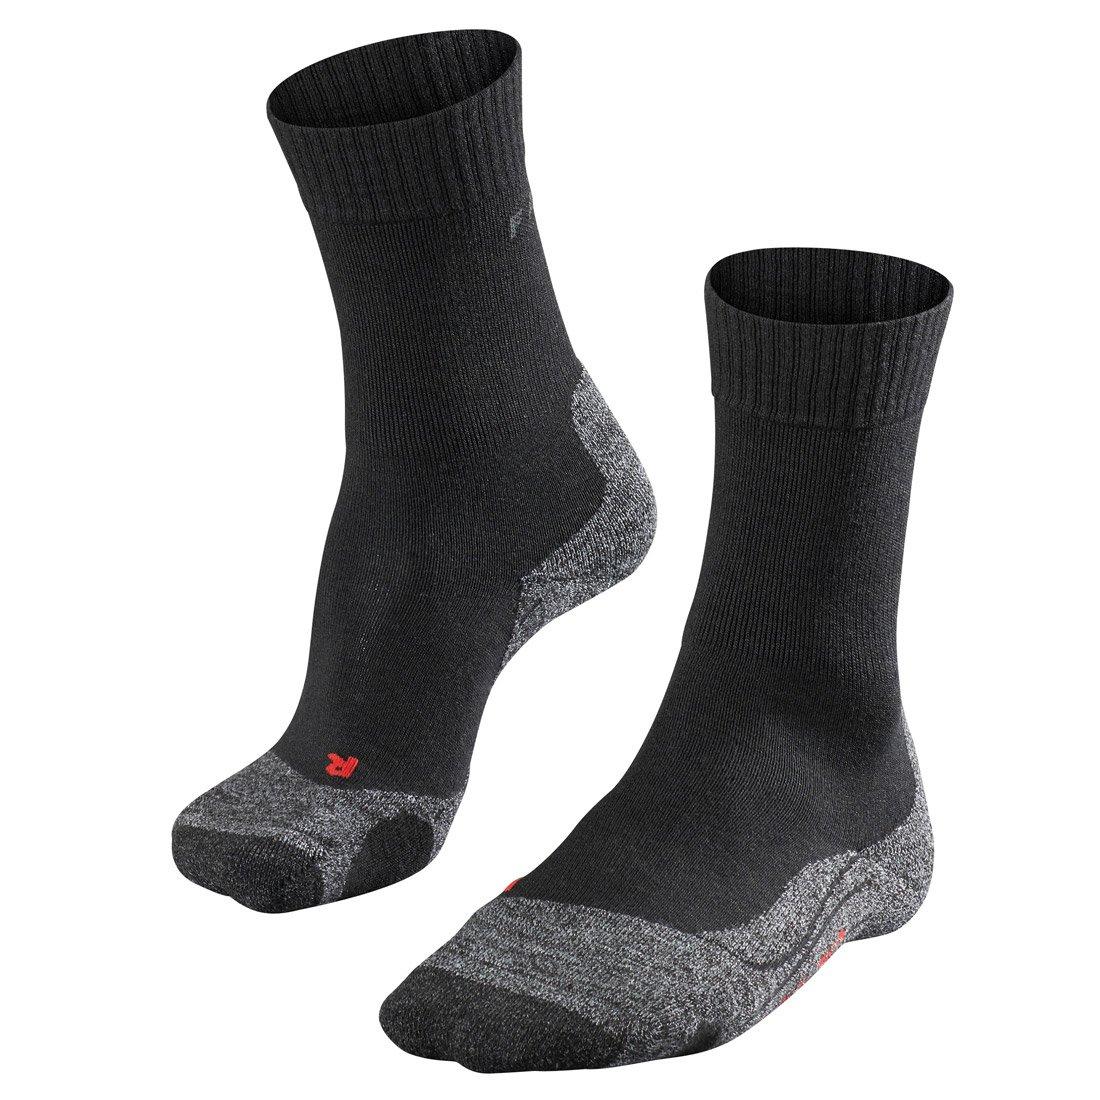 FALKE TK2 Asphalt (Size: 42-43) Socks by FALKE